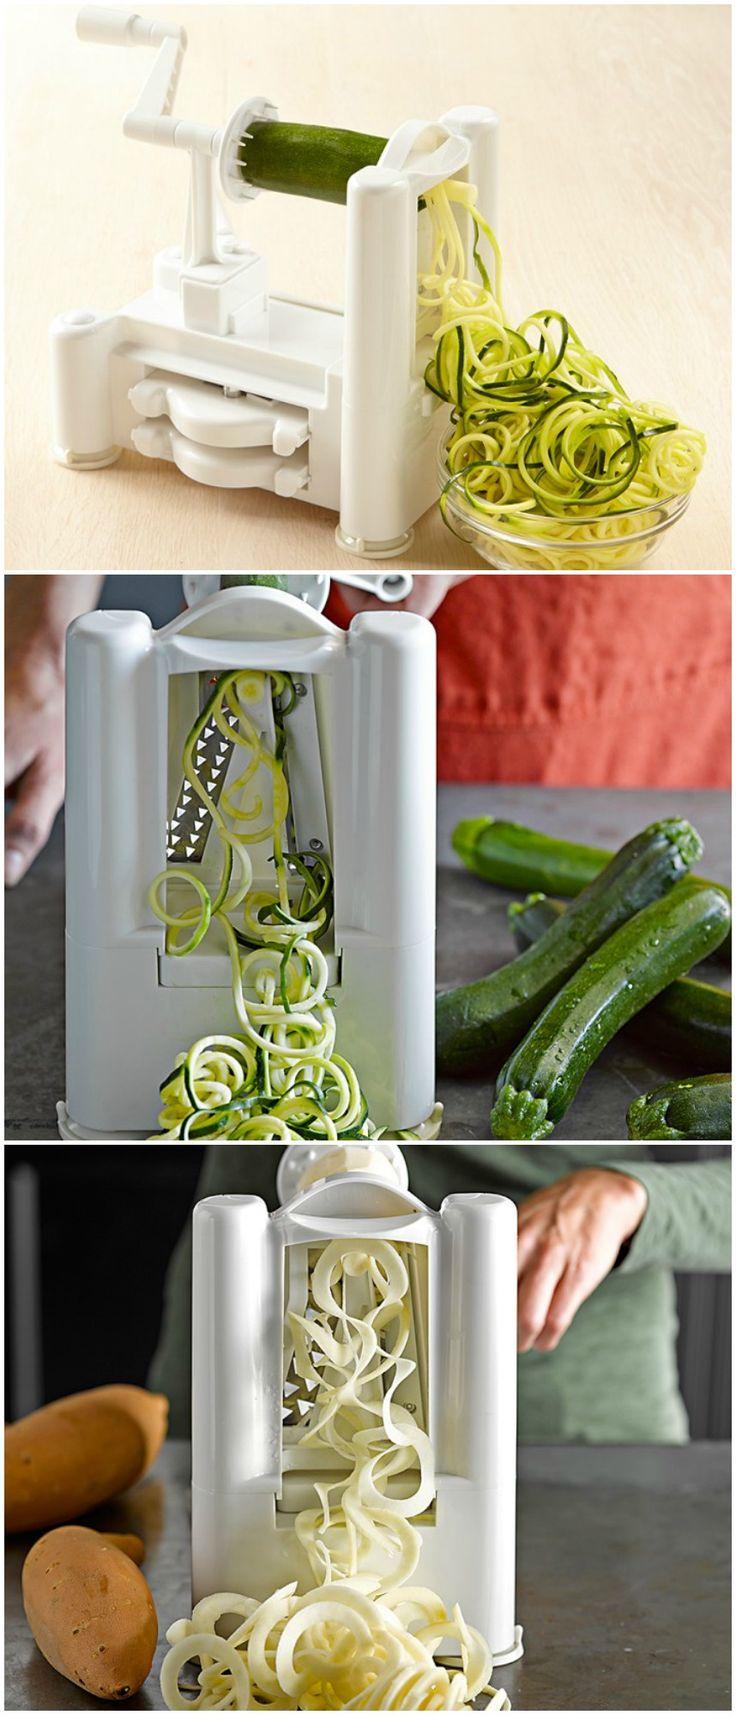 Best 25+ Best kitchen gadgets ideas on Pinterest | Best new ...